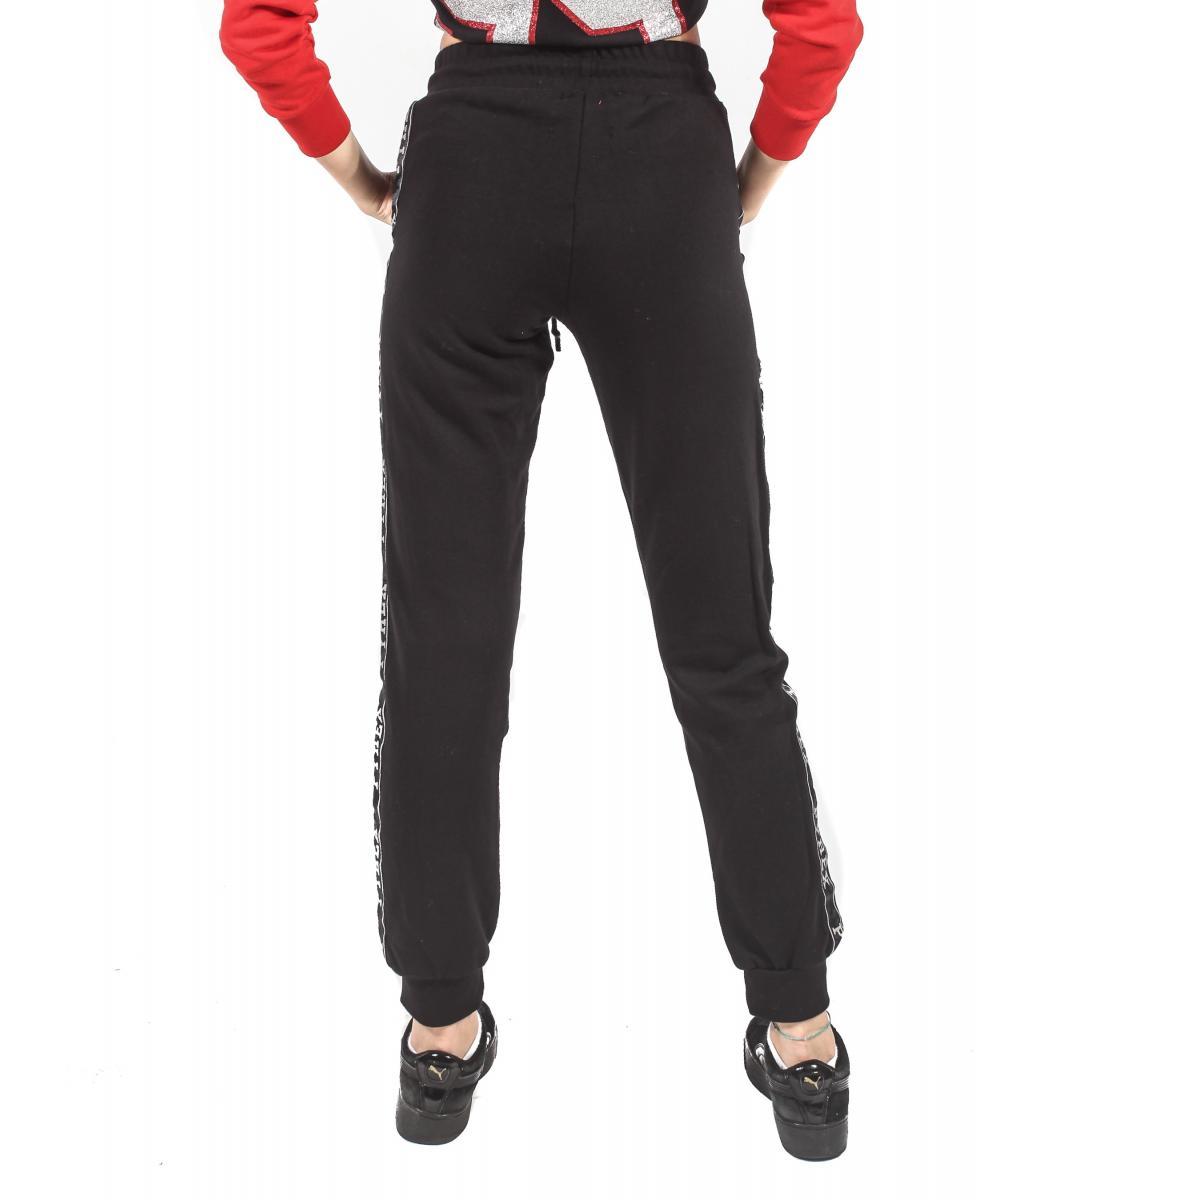 Pantalone tuta Pyrex con logo da donna rif. 18IPC34413